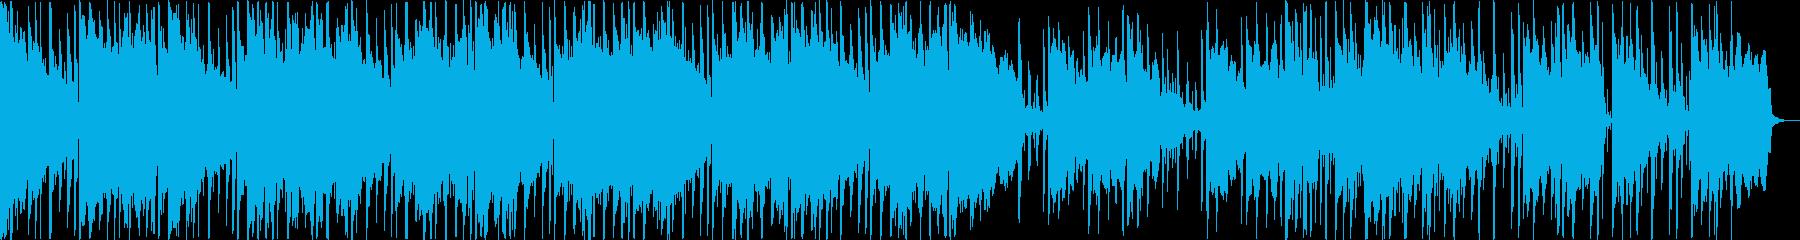 ジャズとファンク。サックス。の再生済みの波形